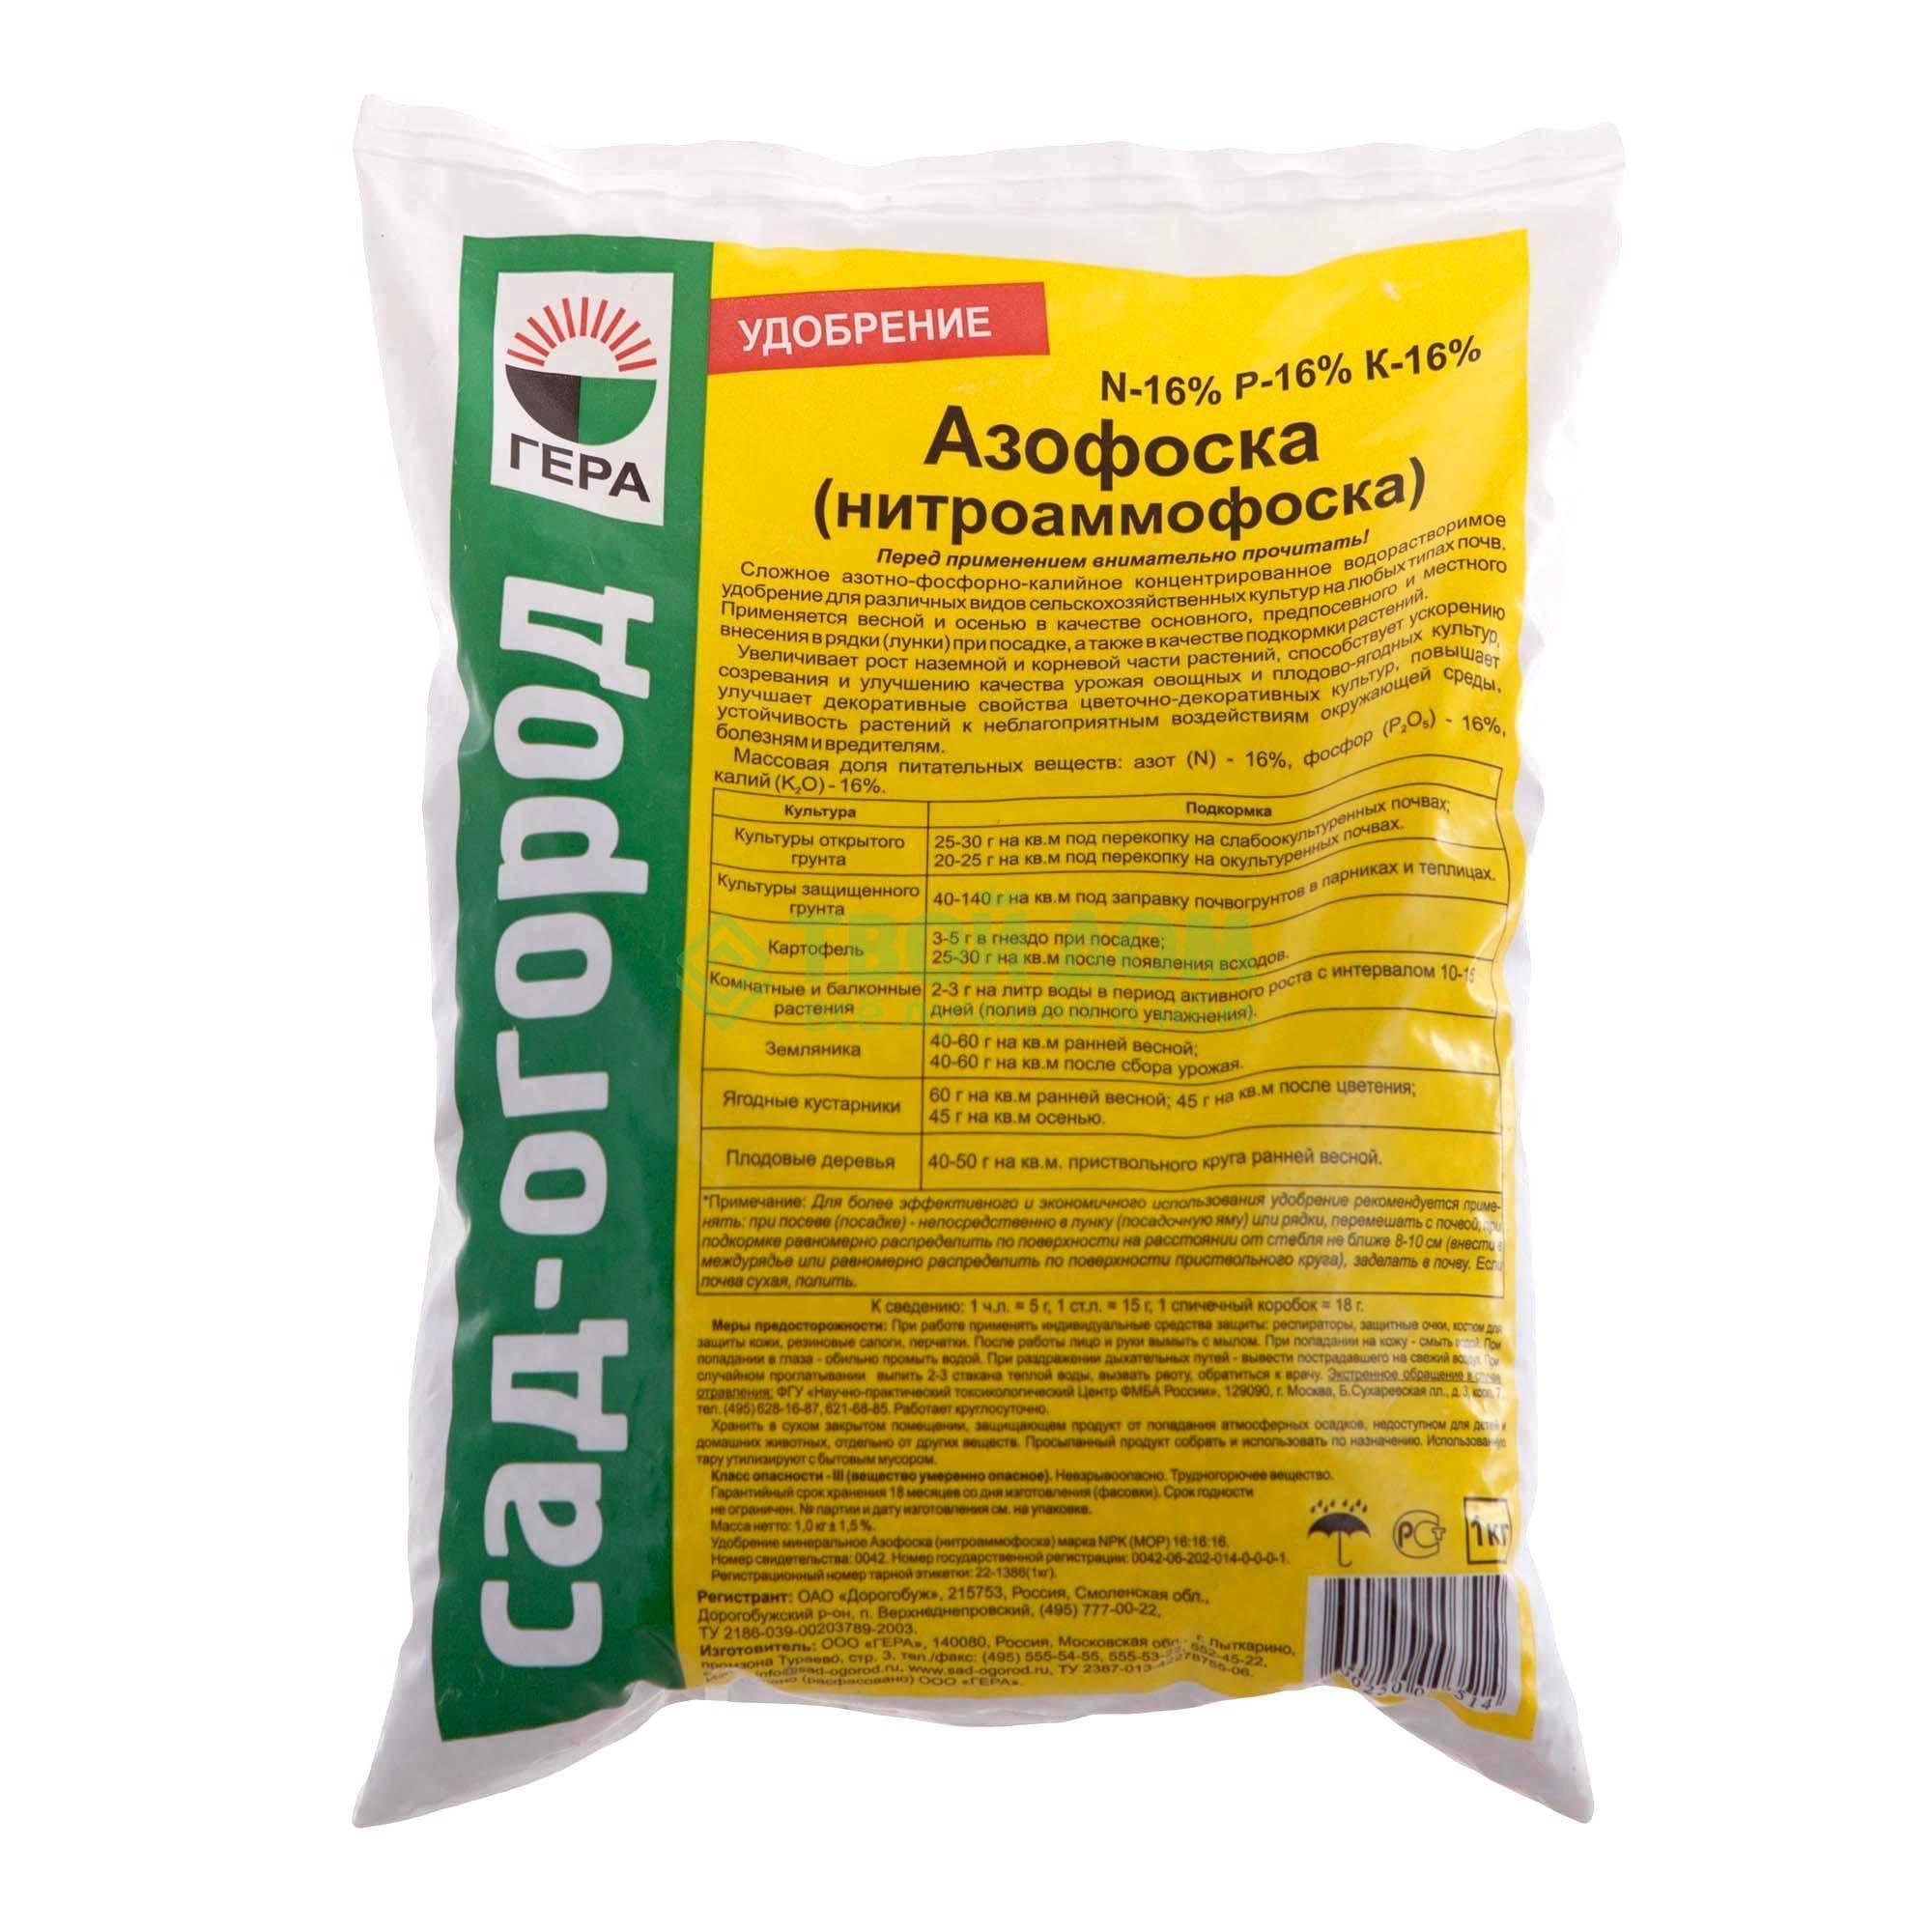 Как правильно подкармливать огурцы азотом